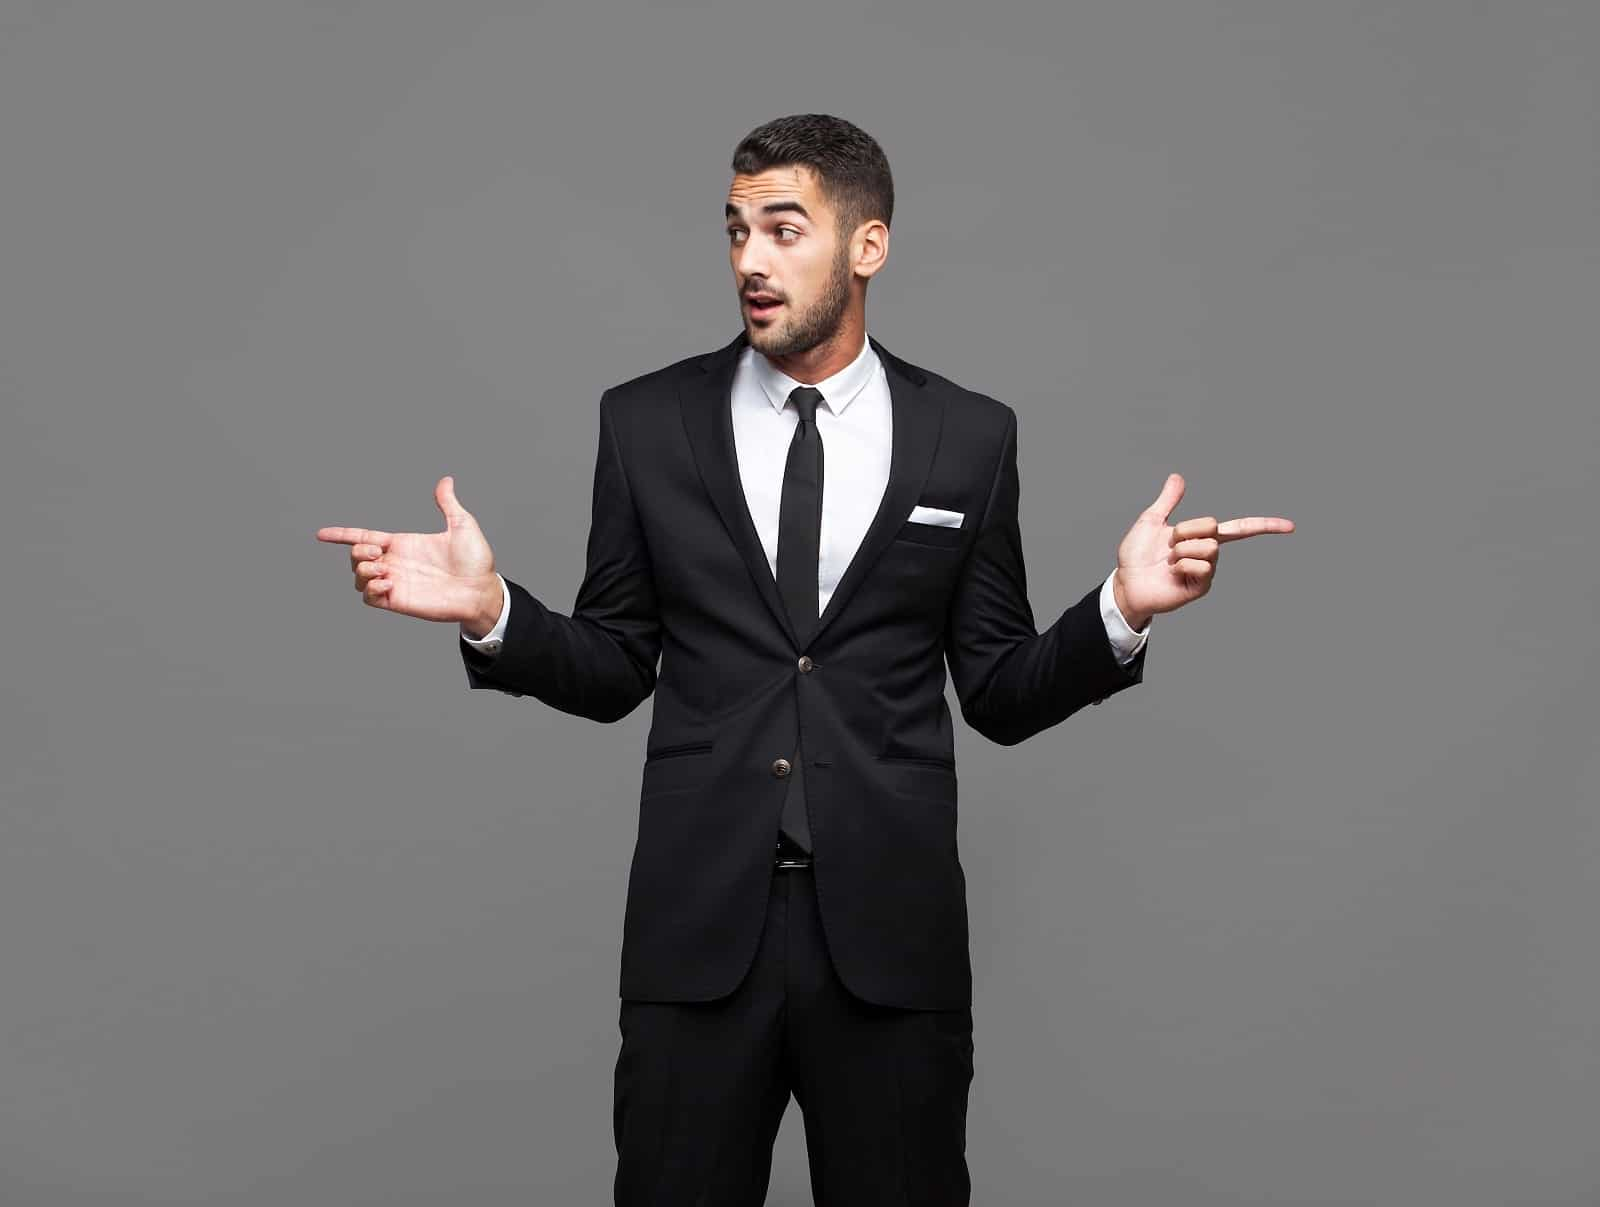 Mann mit Anzug steht in einem Raum mit ausgestreckten Fingern nach rechts und links